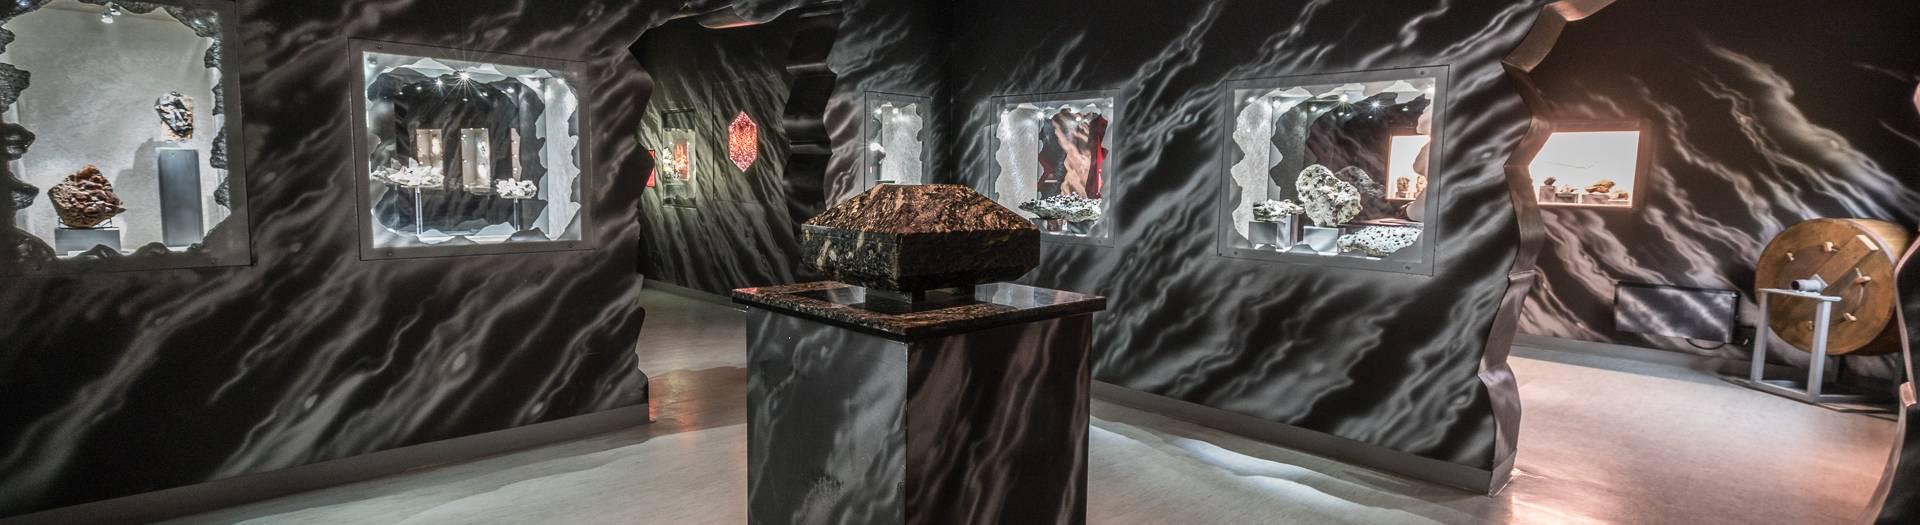 Granatium Radenthein, Ausstellung